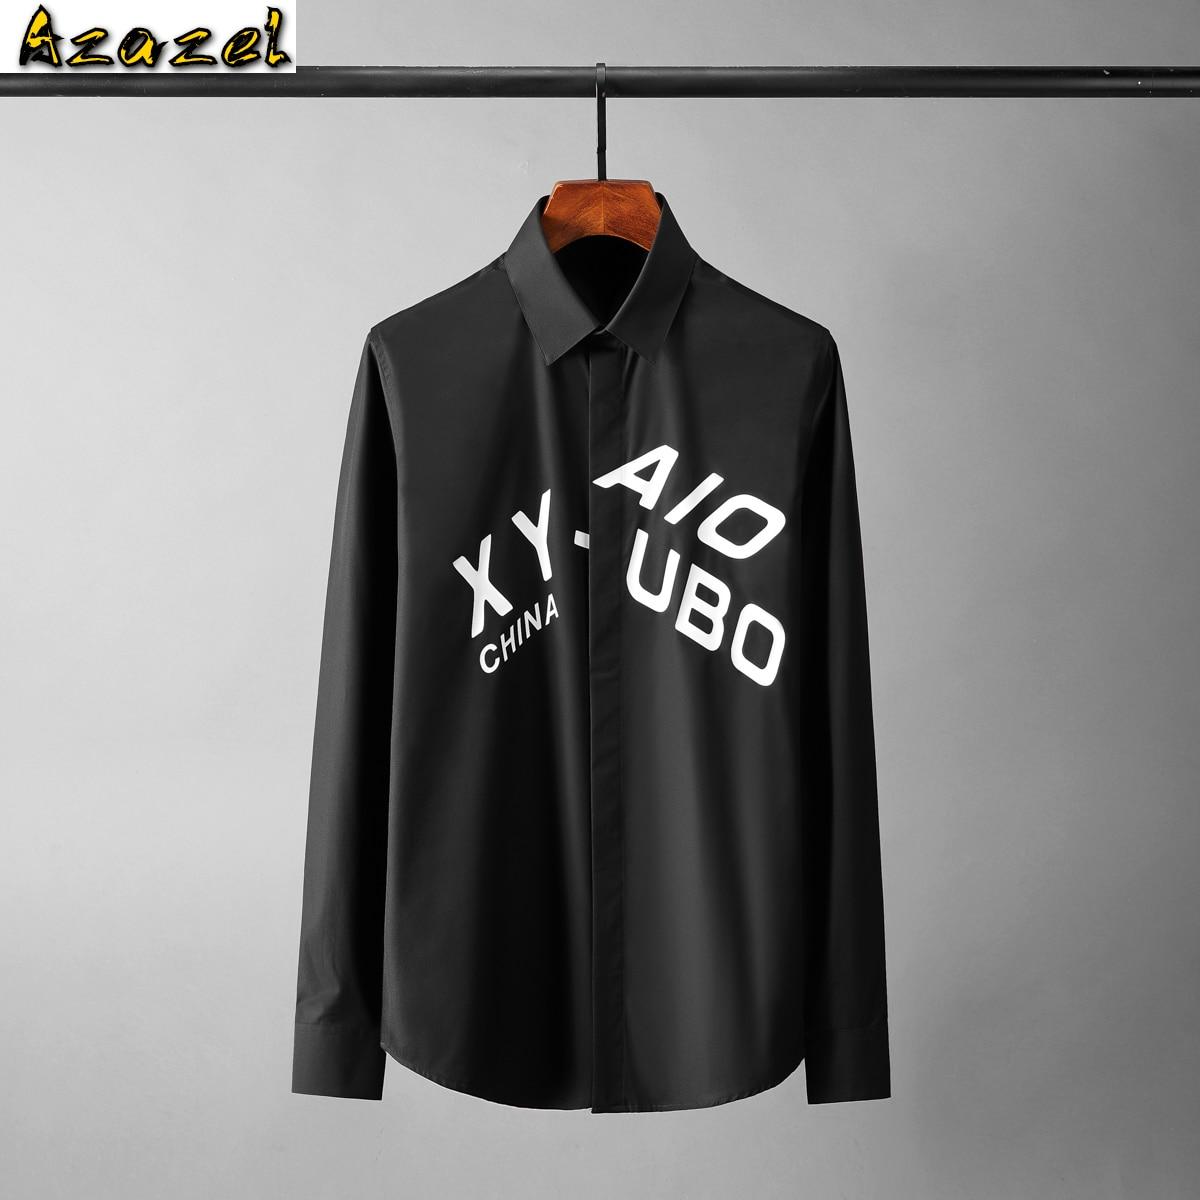 قمصان رجالي قطنية من Azazel عالية الجودة بأكمام طويلة ومطبوعة بأحرف عادية قمصان رجالي مناسبة قمصان رجالي للحفلات مقاس كبير